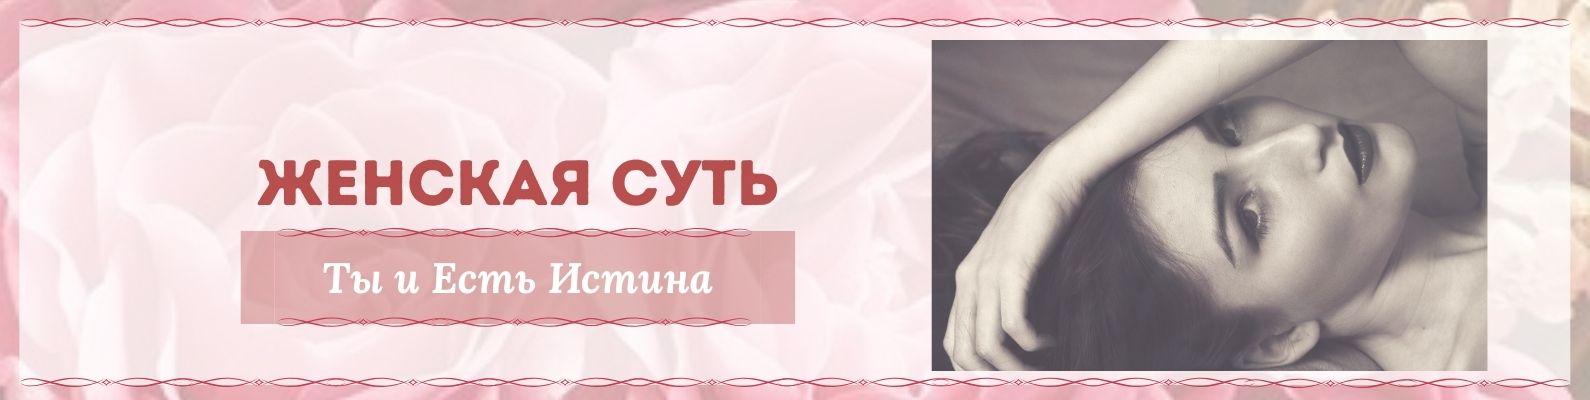 zhenskaya-sut